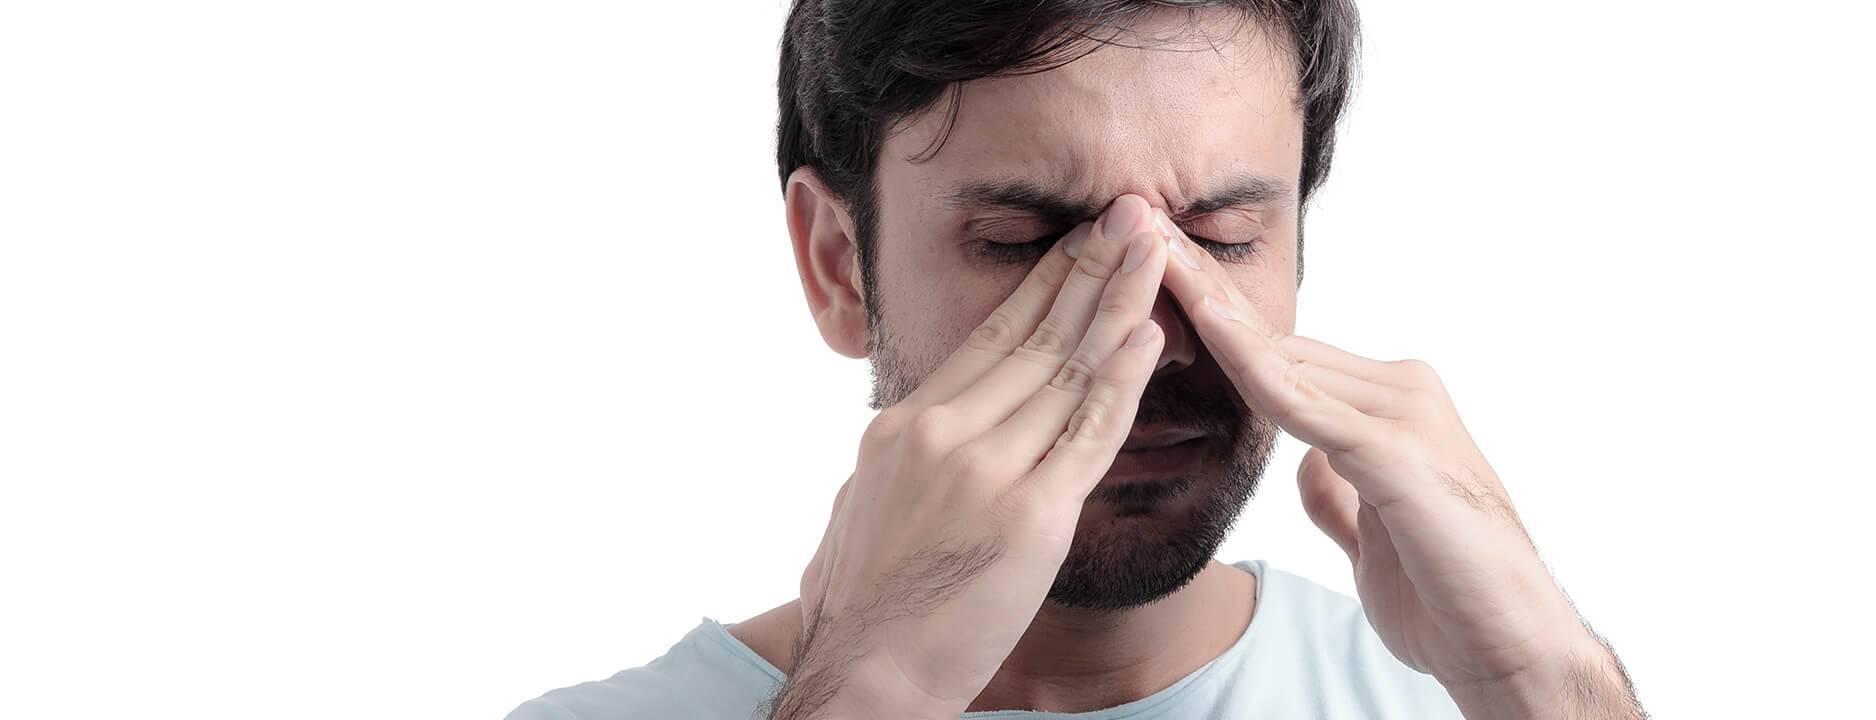 Если зачесалось под носом – приметы и суеверия